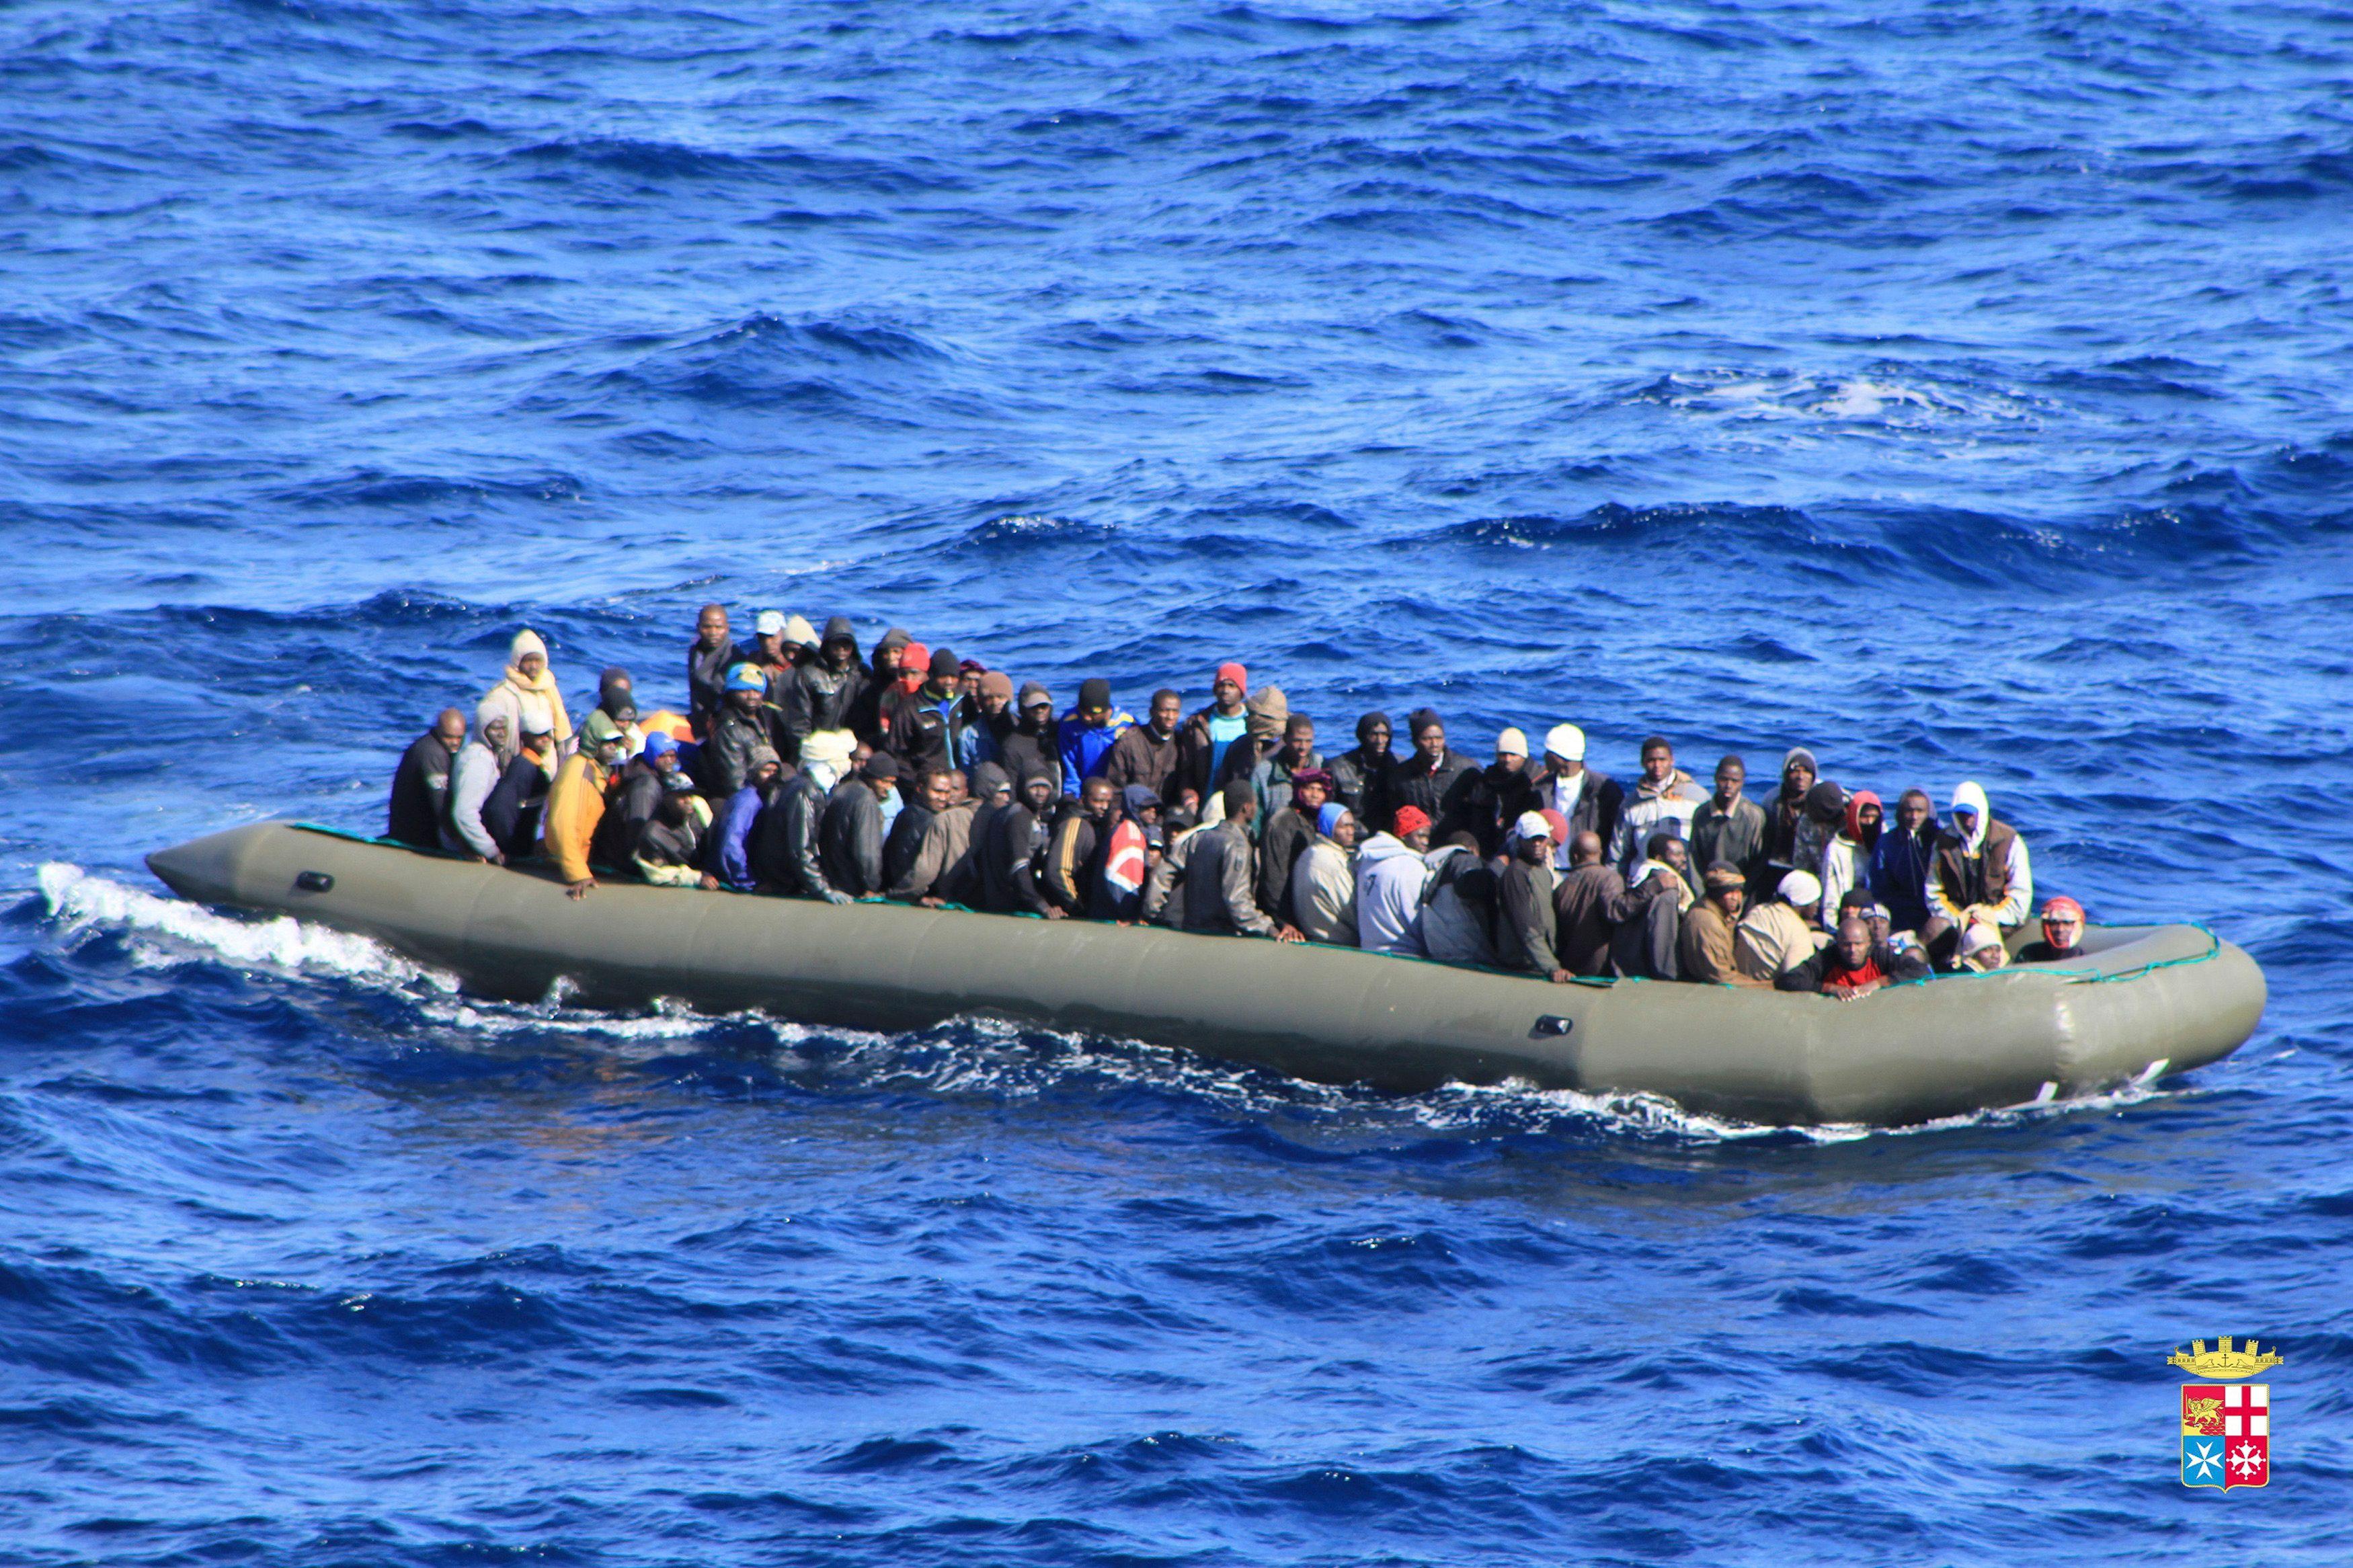 """Des témoins originaires de Somalie, du Soudan et d'Ethiopie décrivent """"un grand naufrage qui a eu lieu en mer Méditerranée et qui a tué environ 500 personnes""""."""